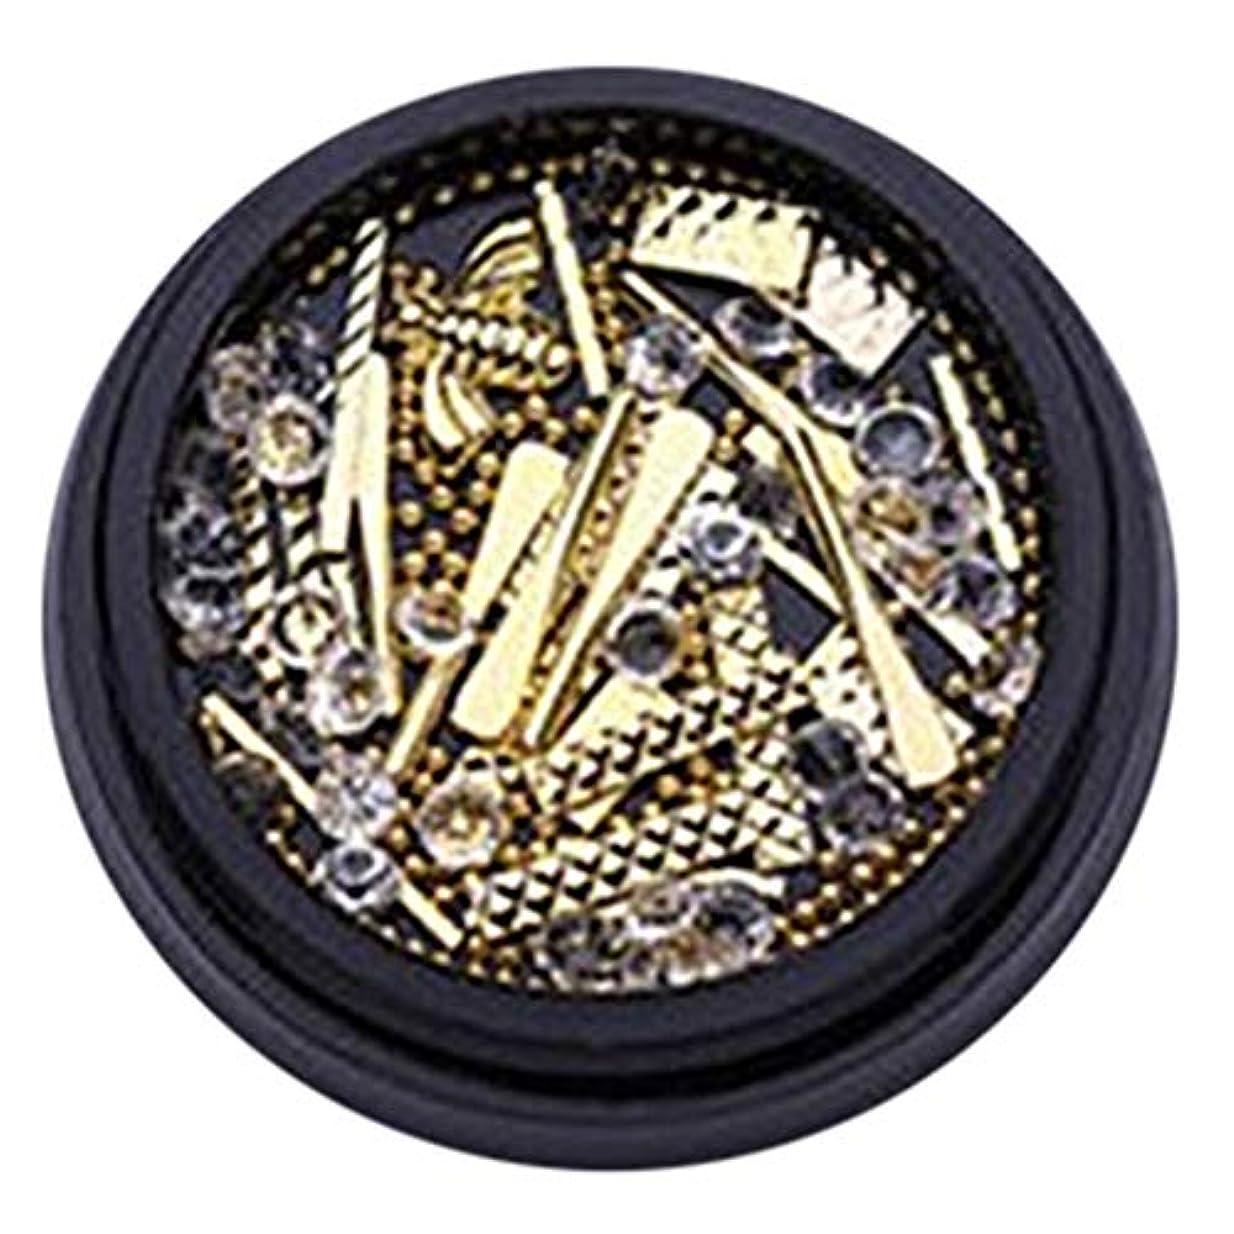 舌な副写真hamulekfae-和風可愛い人気ブラクケア金属バー長方形リベットネイルアート宝石ラインストーンデコレーションホイールDIYのヒント - ゴールデンGolden